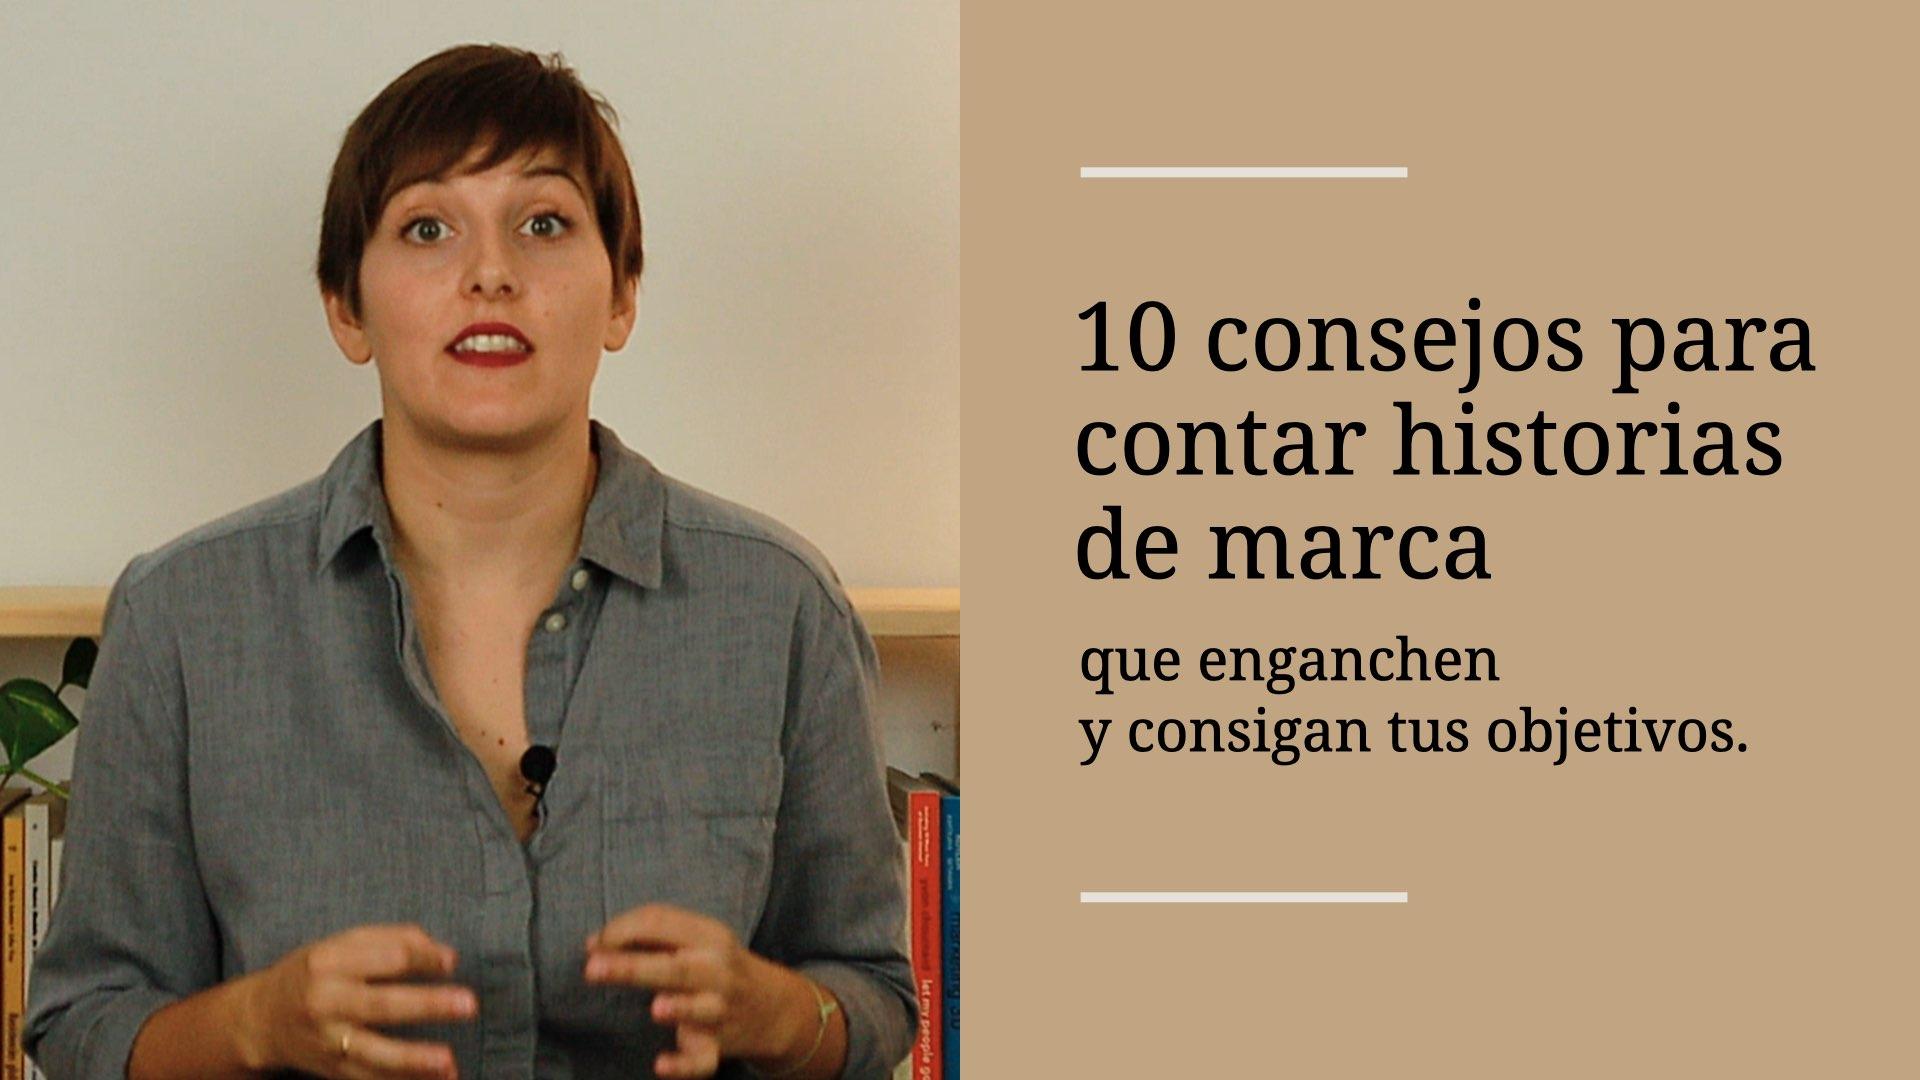 10-consejos-para-contar.historias-de-marca-alba-sueiro-roman-blog